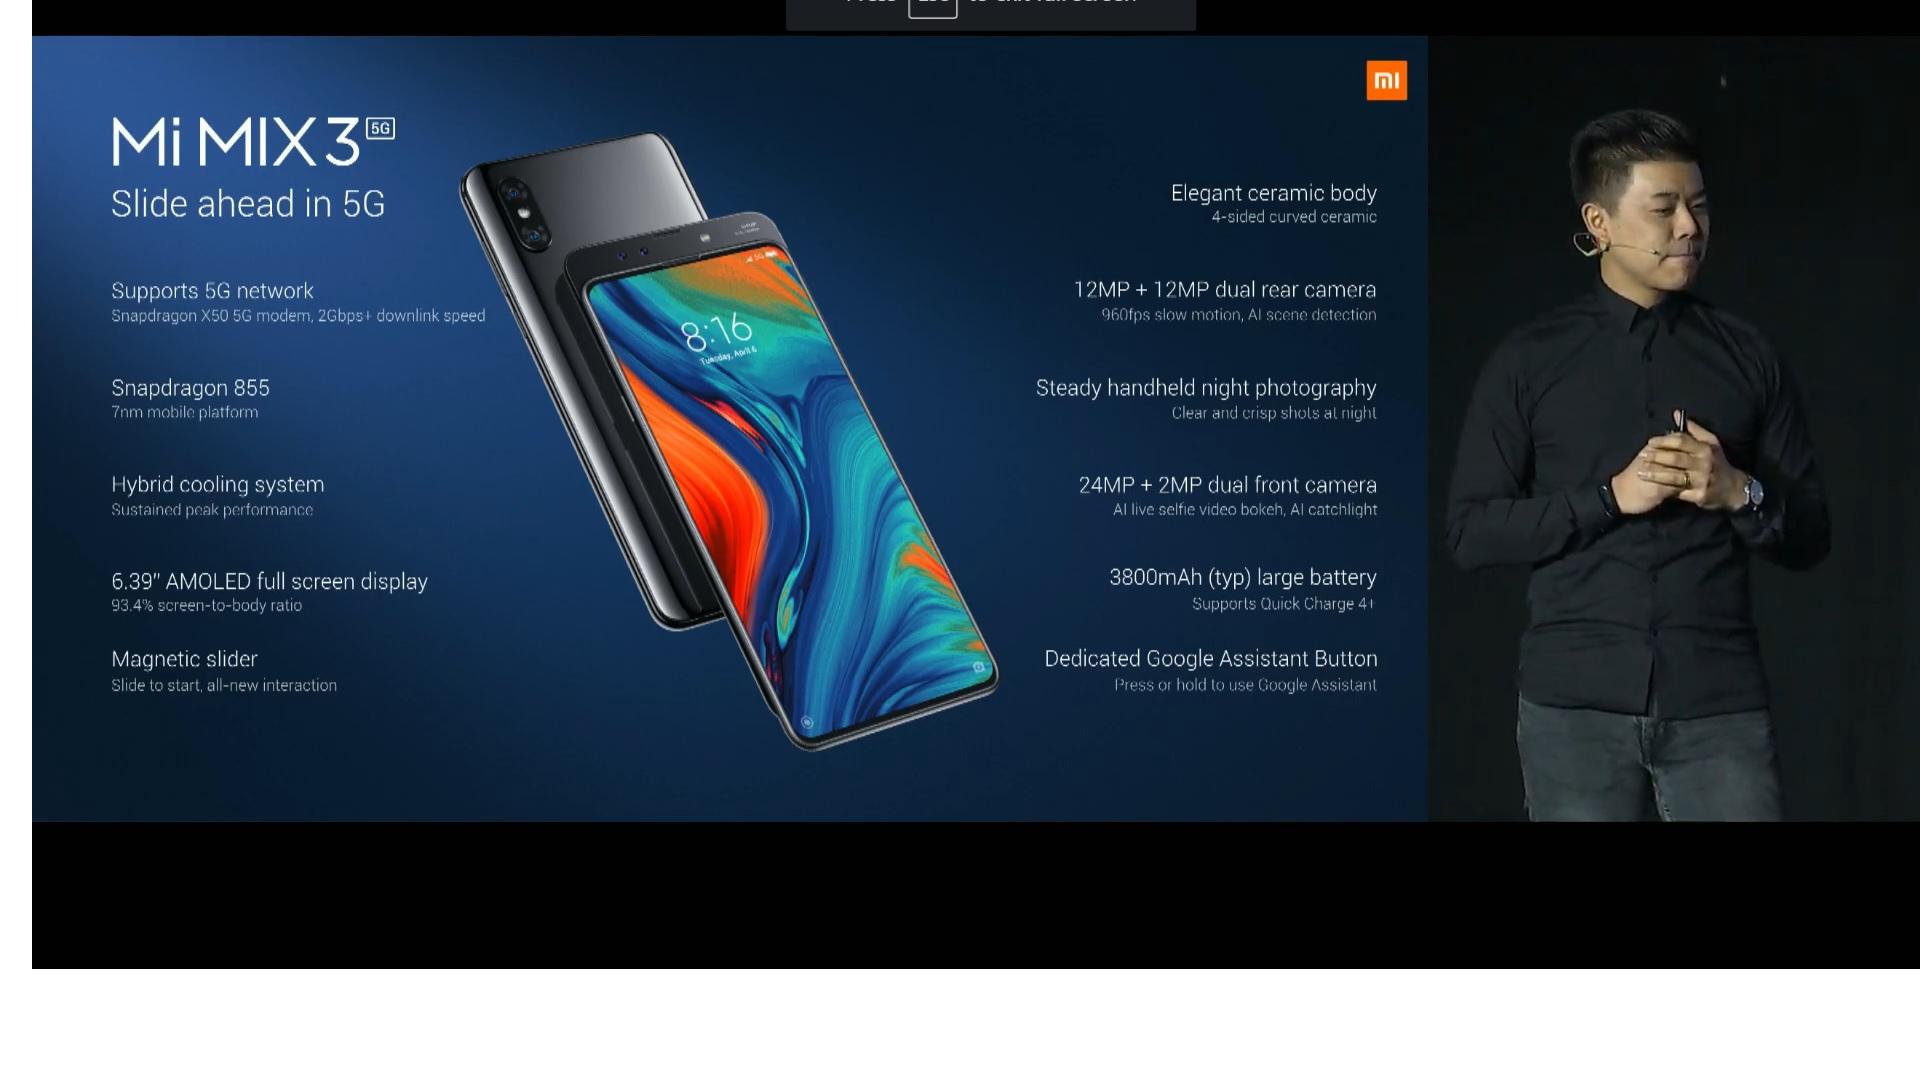 MWC 2019: Xiaomi Mi MIX 3 5G smartphone, Mi 9 global variant introduced